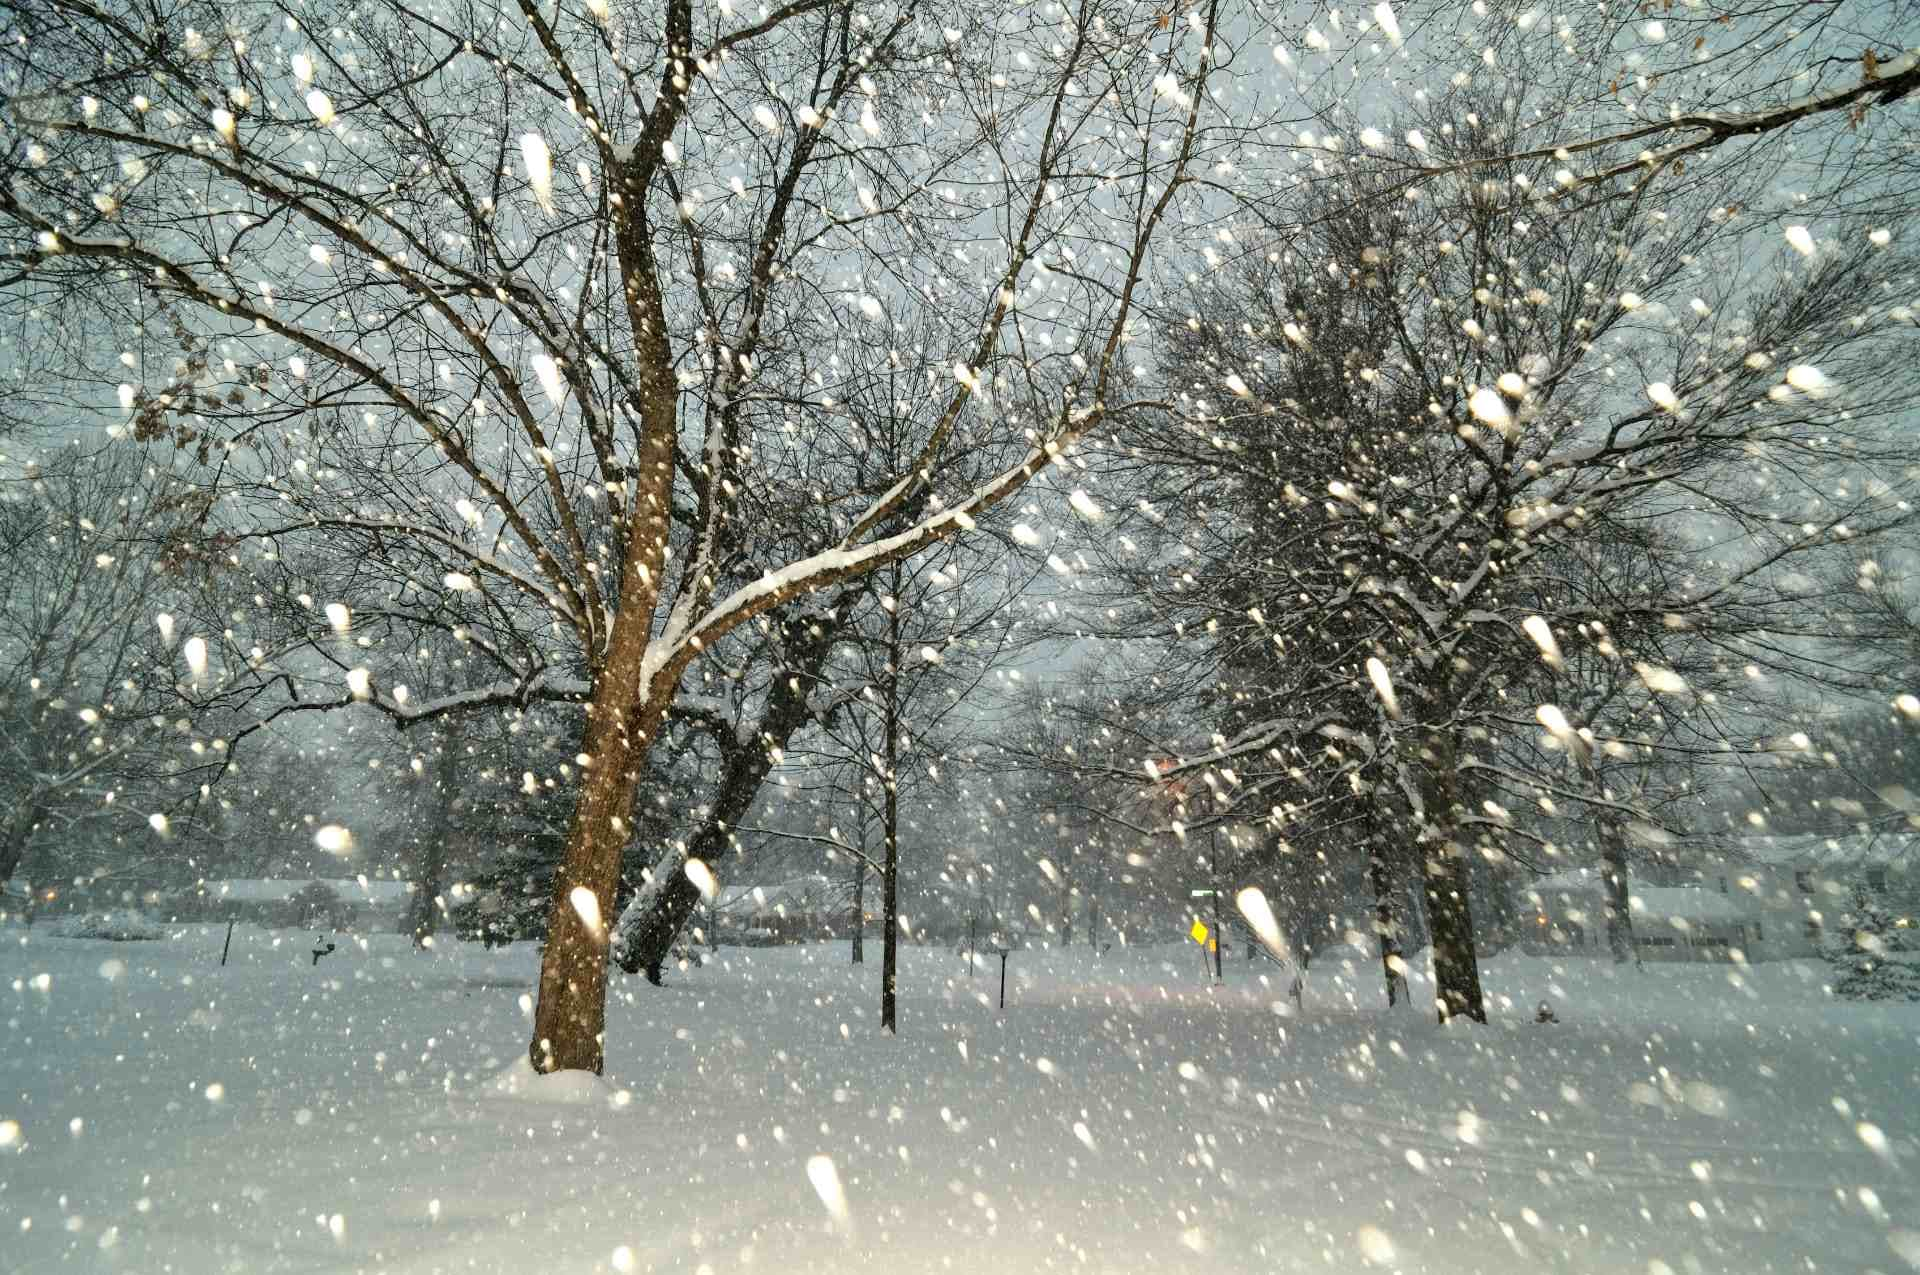 Chute de flocons de neige à Indianapolis, aux États-Unis